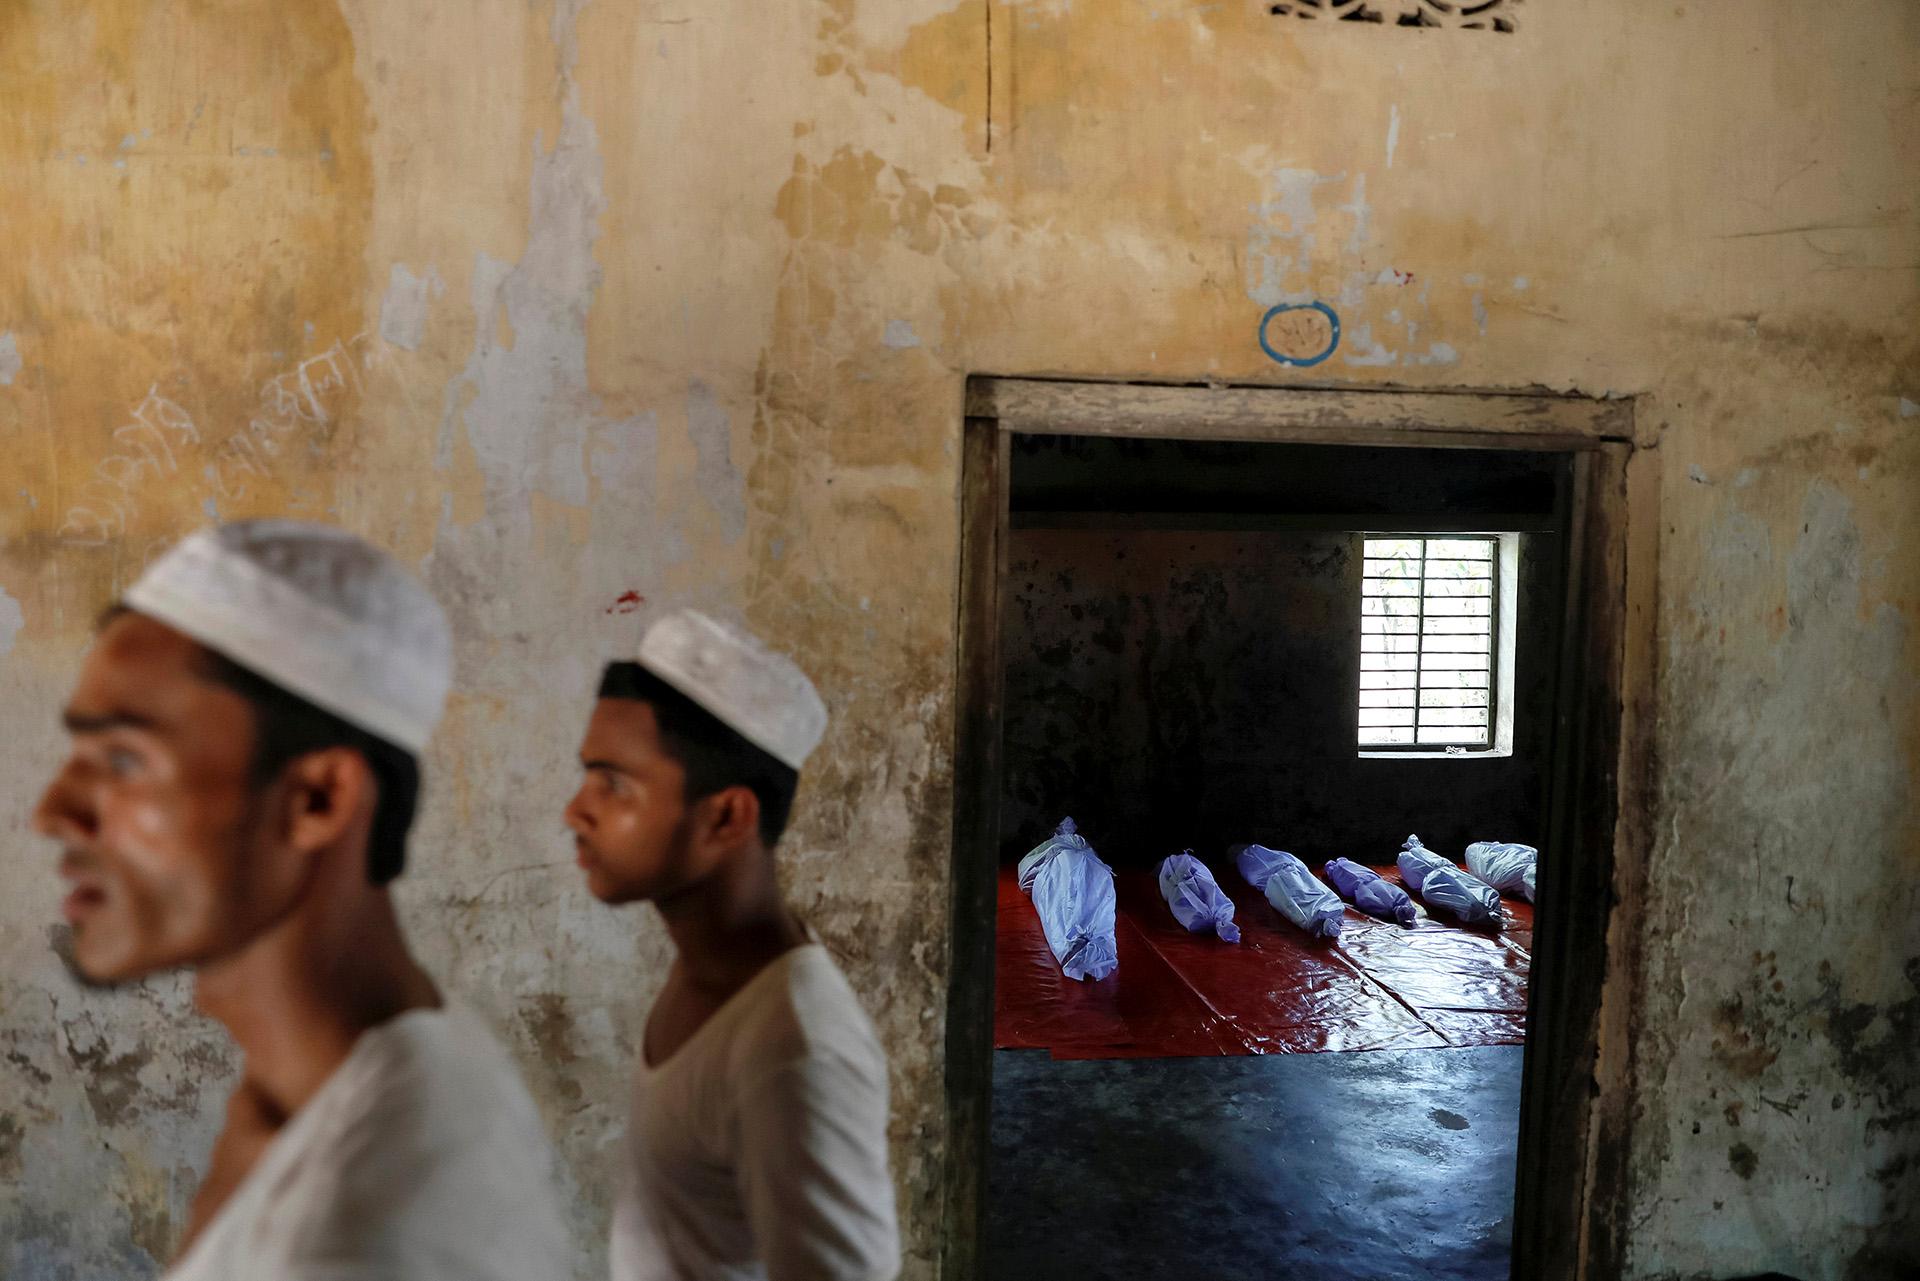 Cuerpos de refugiados Rohingya, que murieron cuando su bote se volcó al huir de Myanmar, son colocados en una madrasa local en Shah Porir Dwip, en Teknaf, cerca de Cox's Bazar en Bangladesh, el 9 de octubre de 2017. (Damir Sagolj)